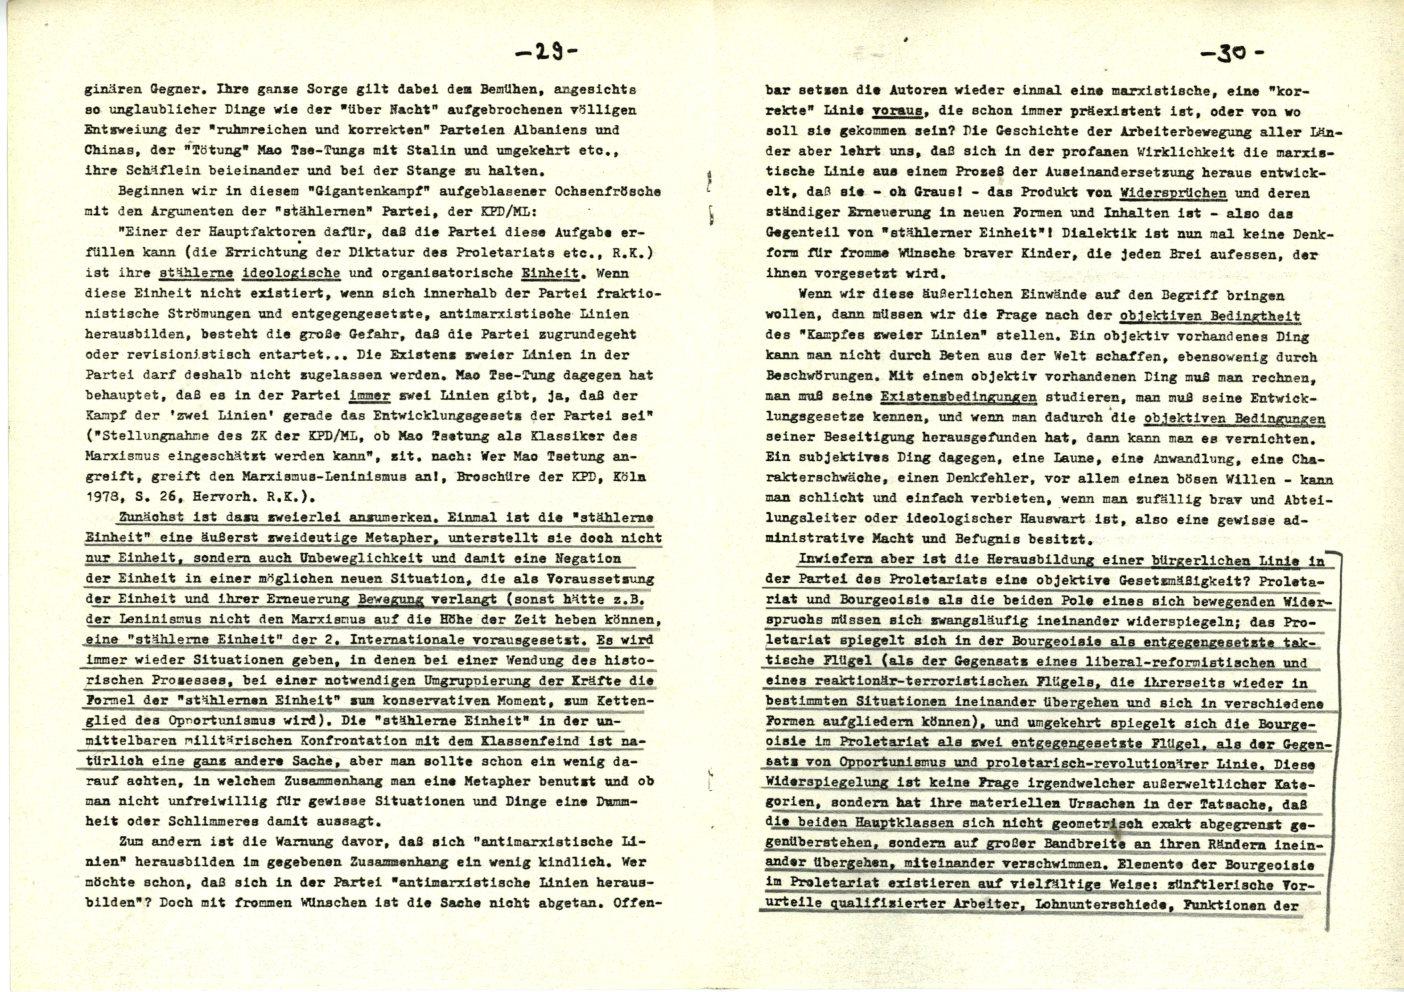 Nuernberg_Fuerth_Erlangen_ML_Diskussionsbeitraege_1978_01_16